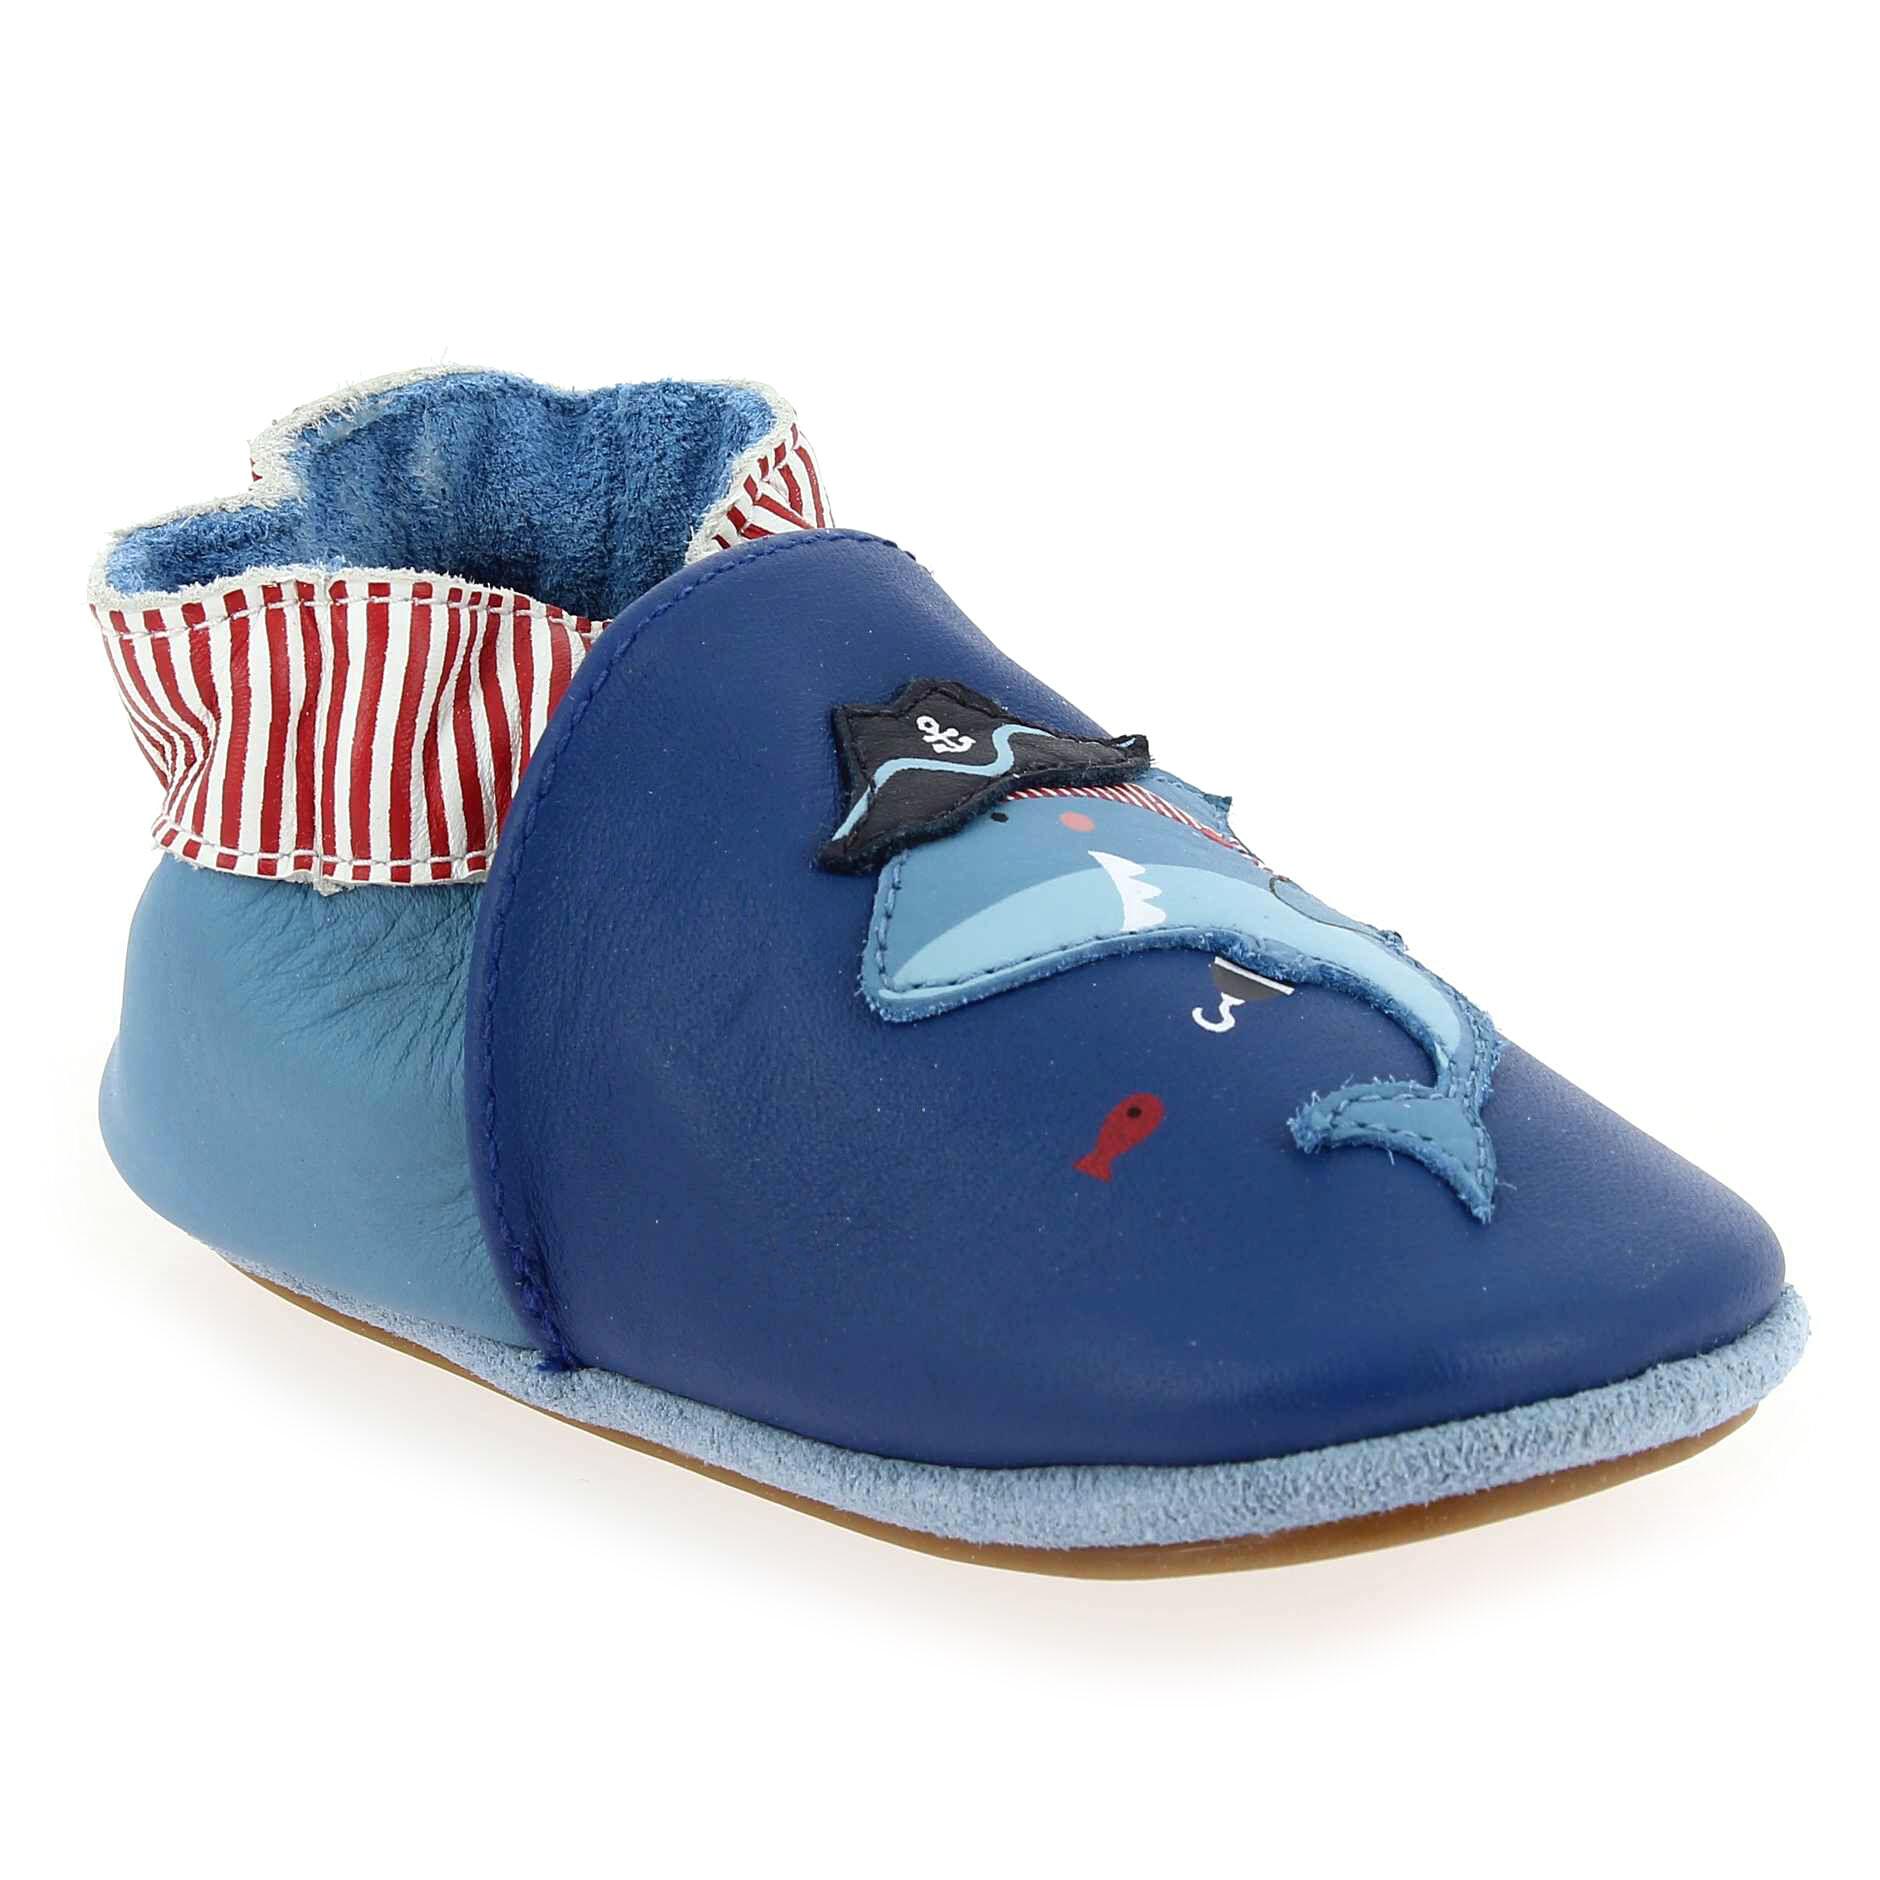 Robeez Promo - Robeez PIRATE SHARK Bleu pour Enfant garçon, Bébé garçon en Cuir - Cuir - 00-06 mois